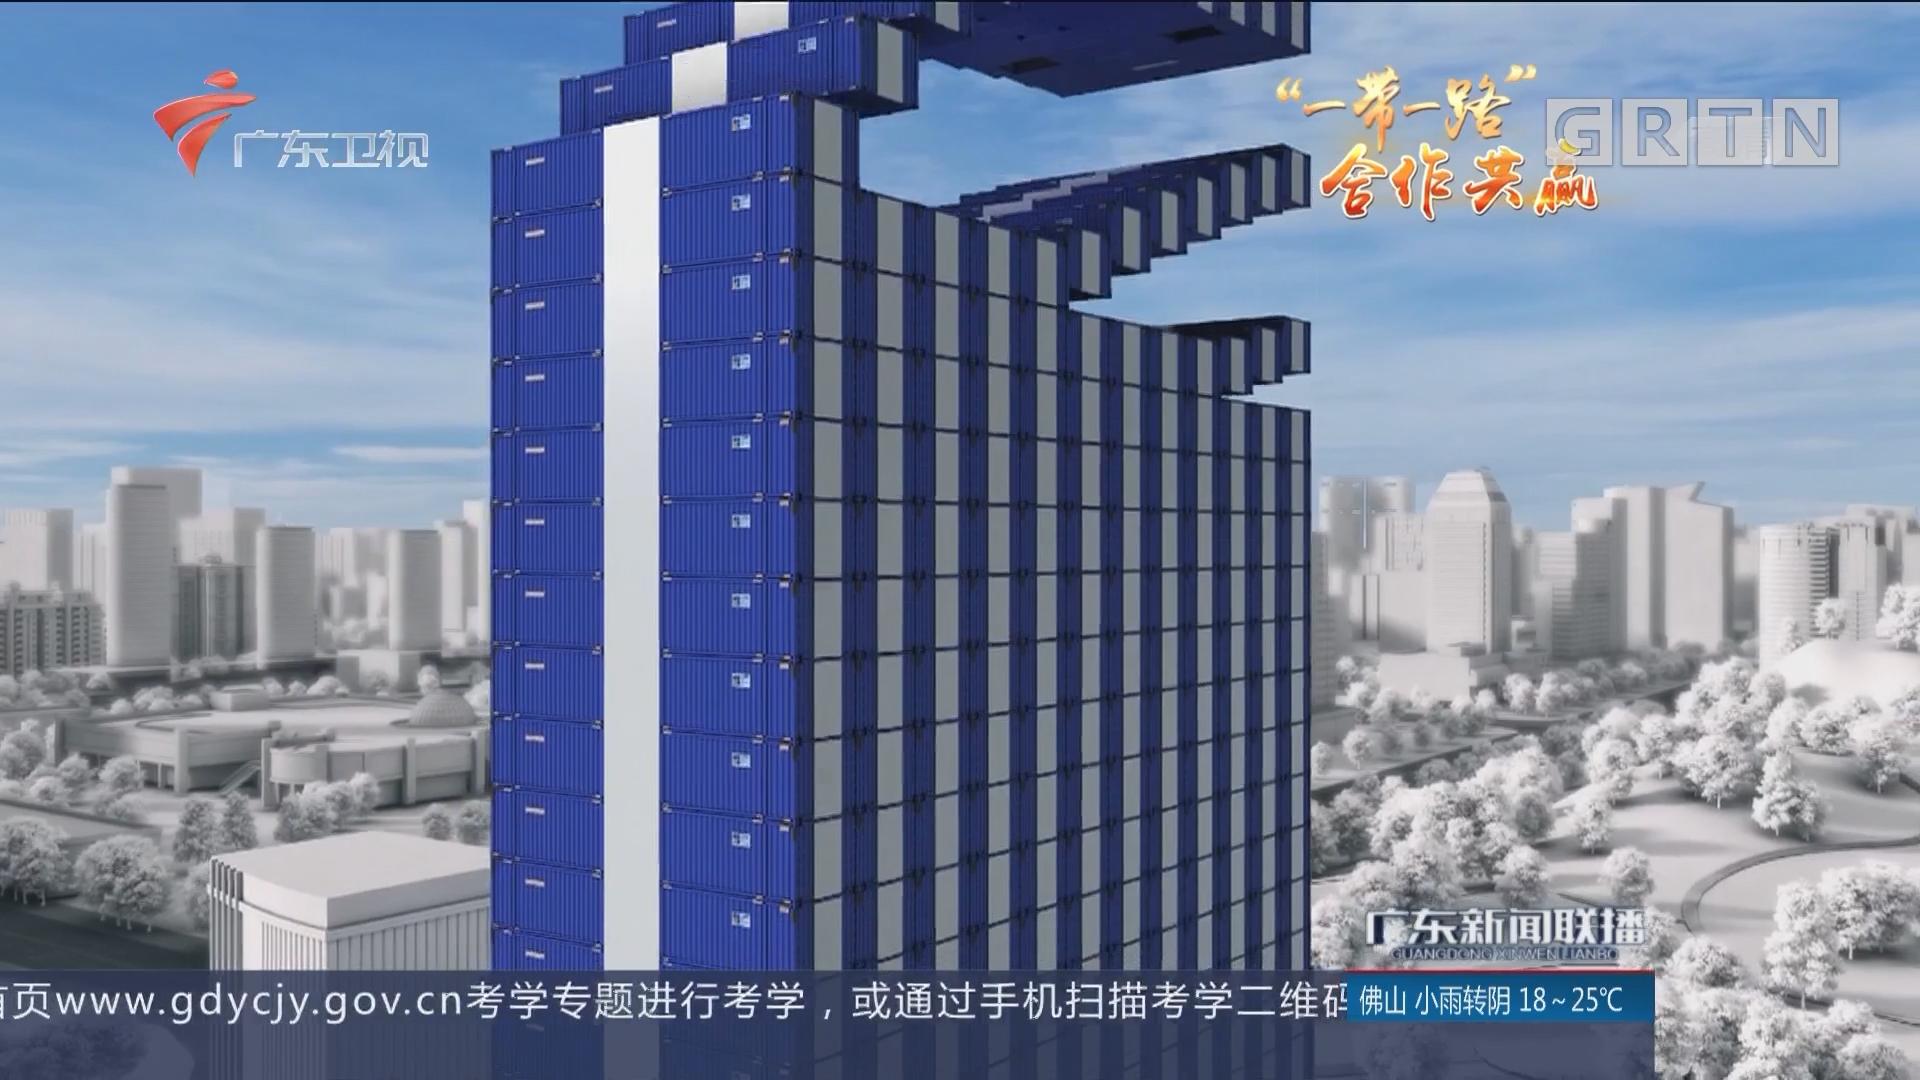 """用模块化建筑向全球输出""""广东创造"""""""